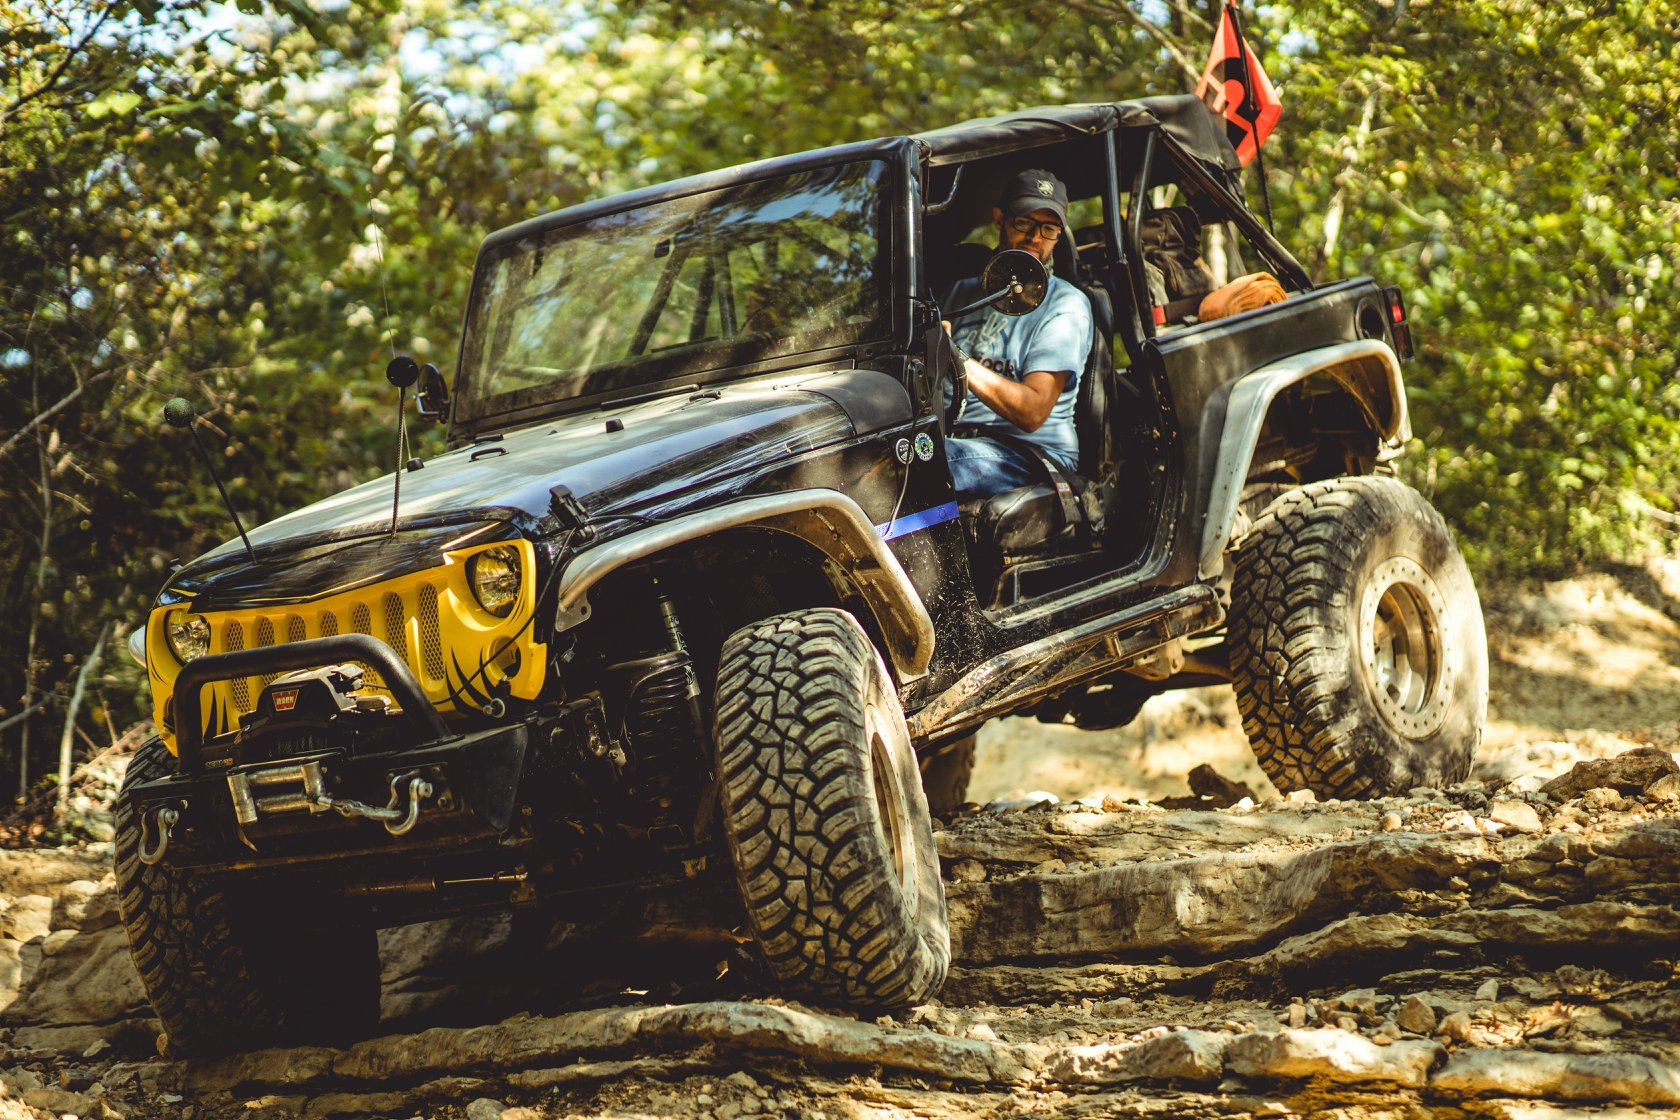 JeepStock 2019